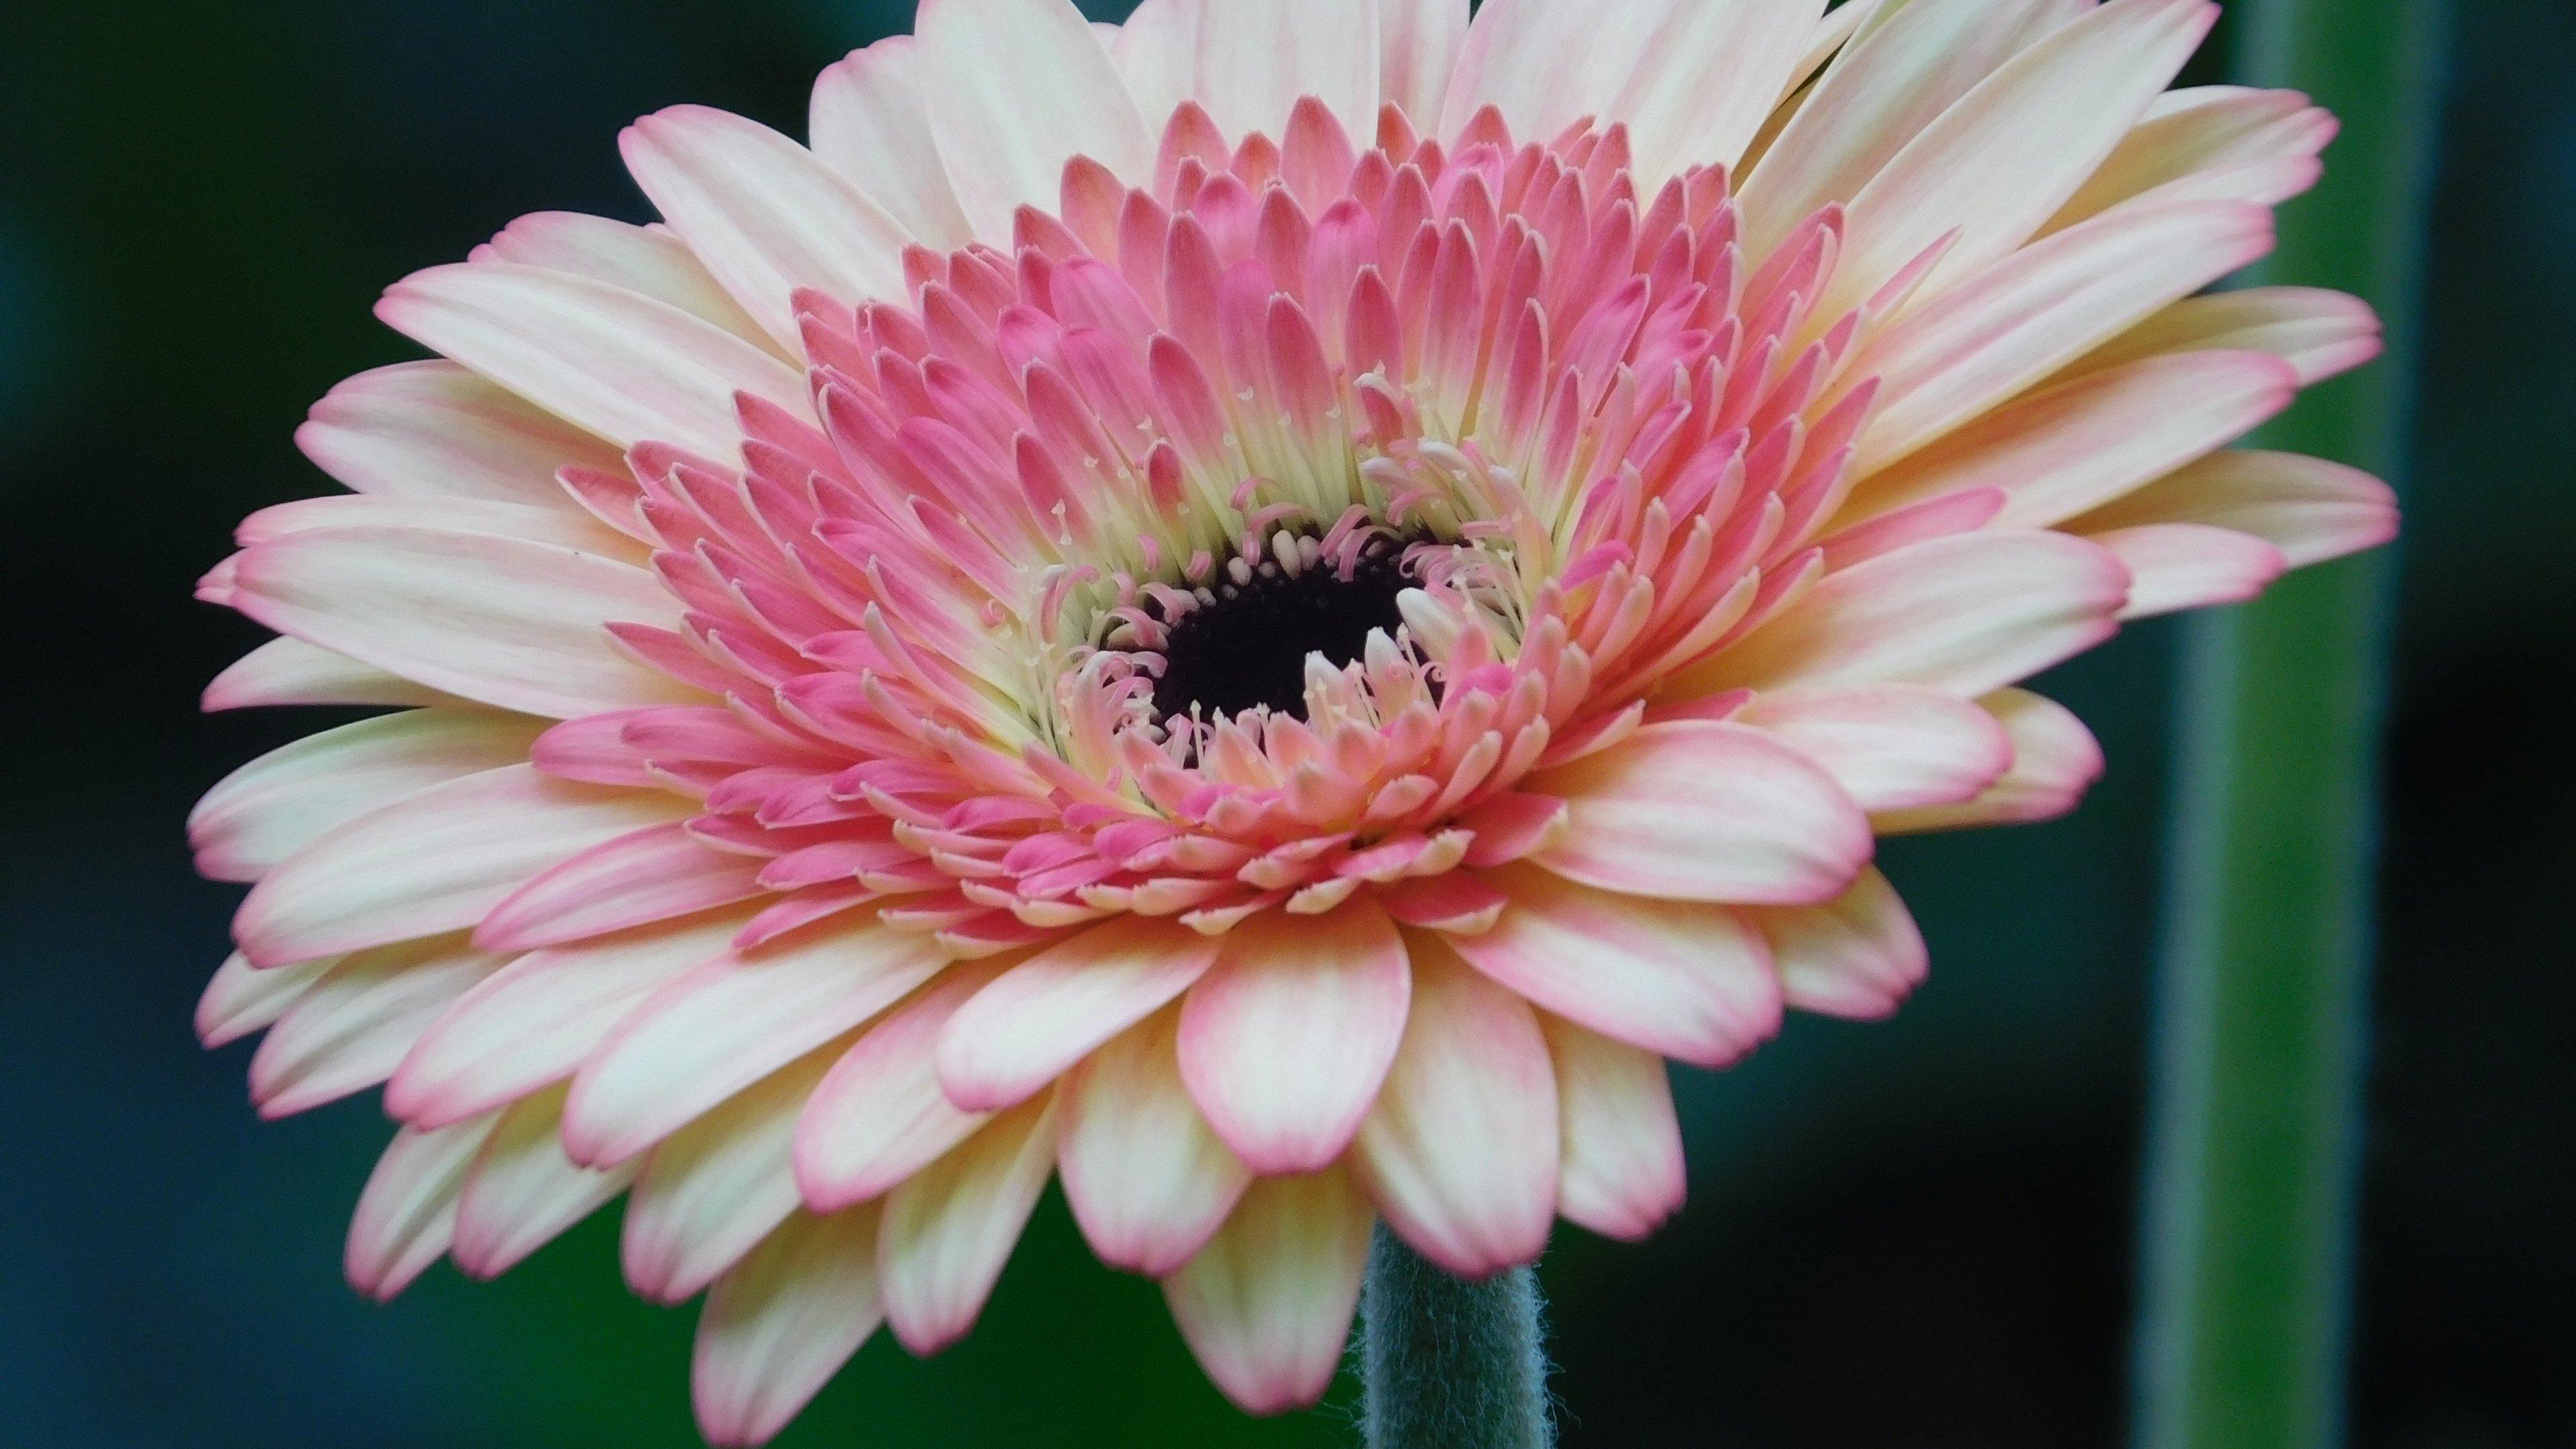 Pink gerbera daisy flower wallpaper iphone android - Gerber daisy wallpaper ...